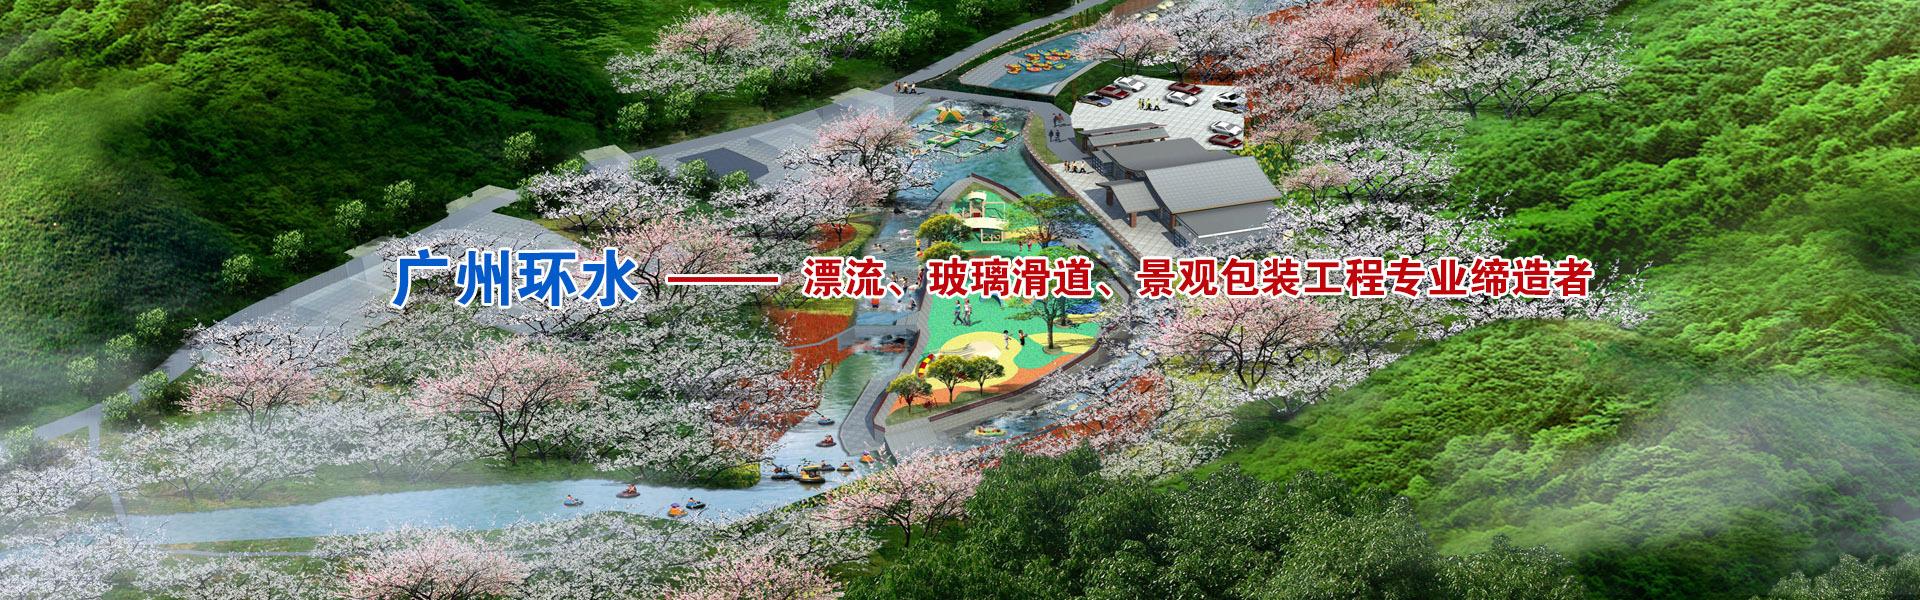 广州环水,水上工程专业缔造者